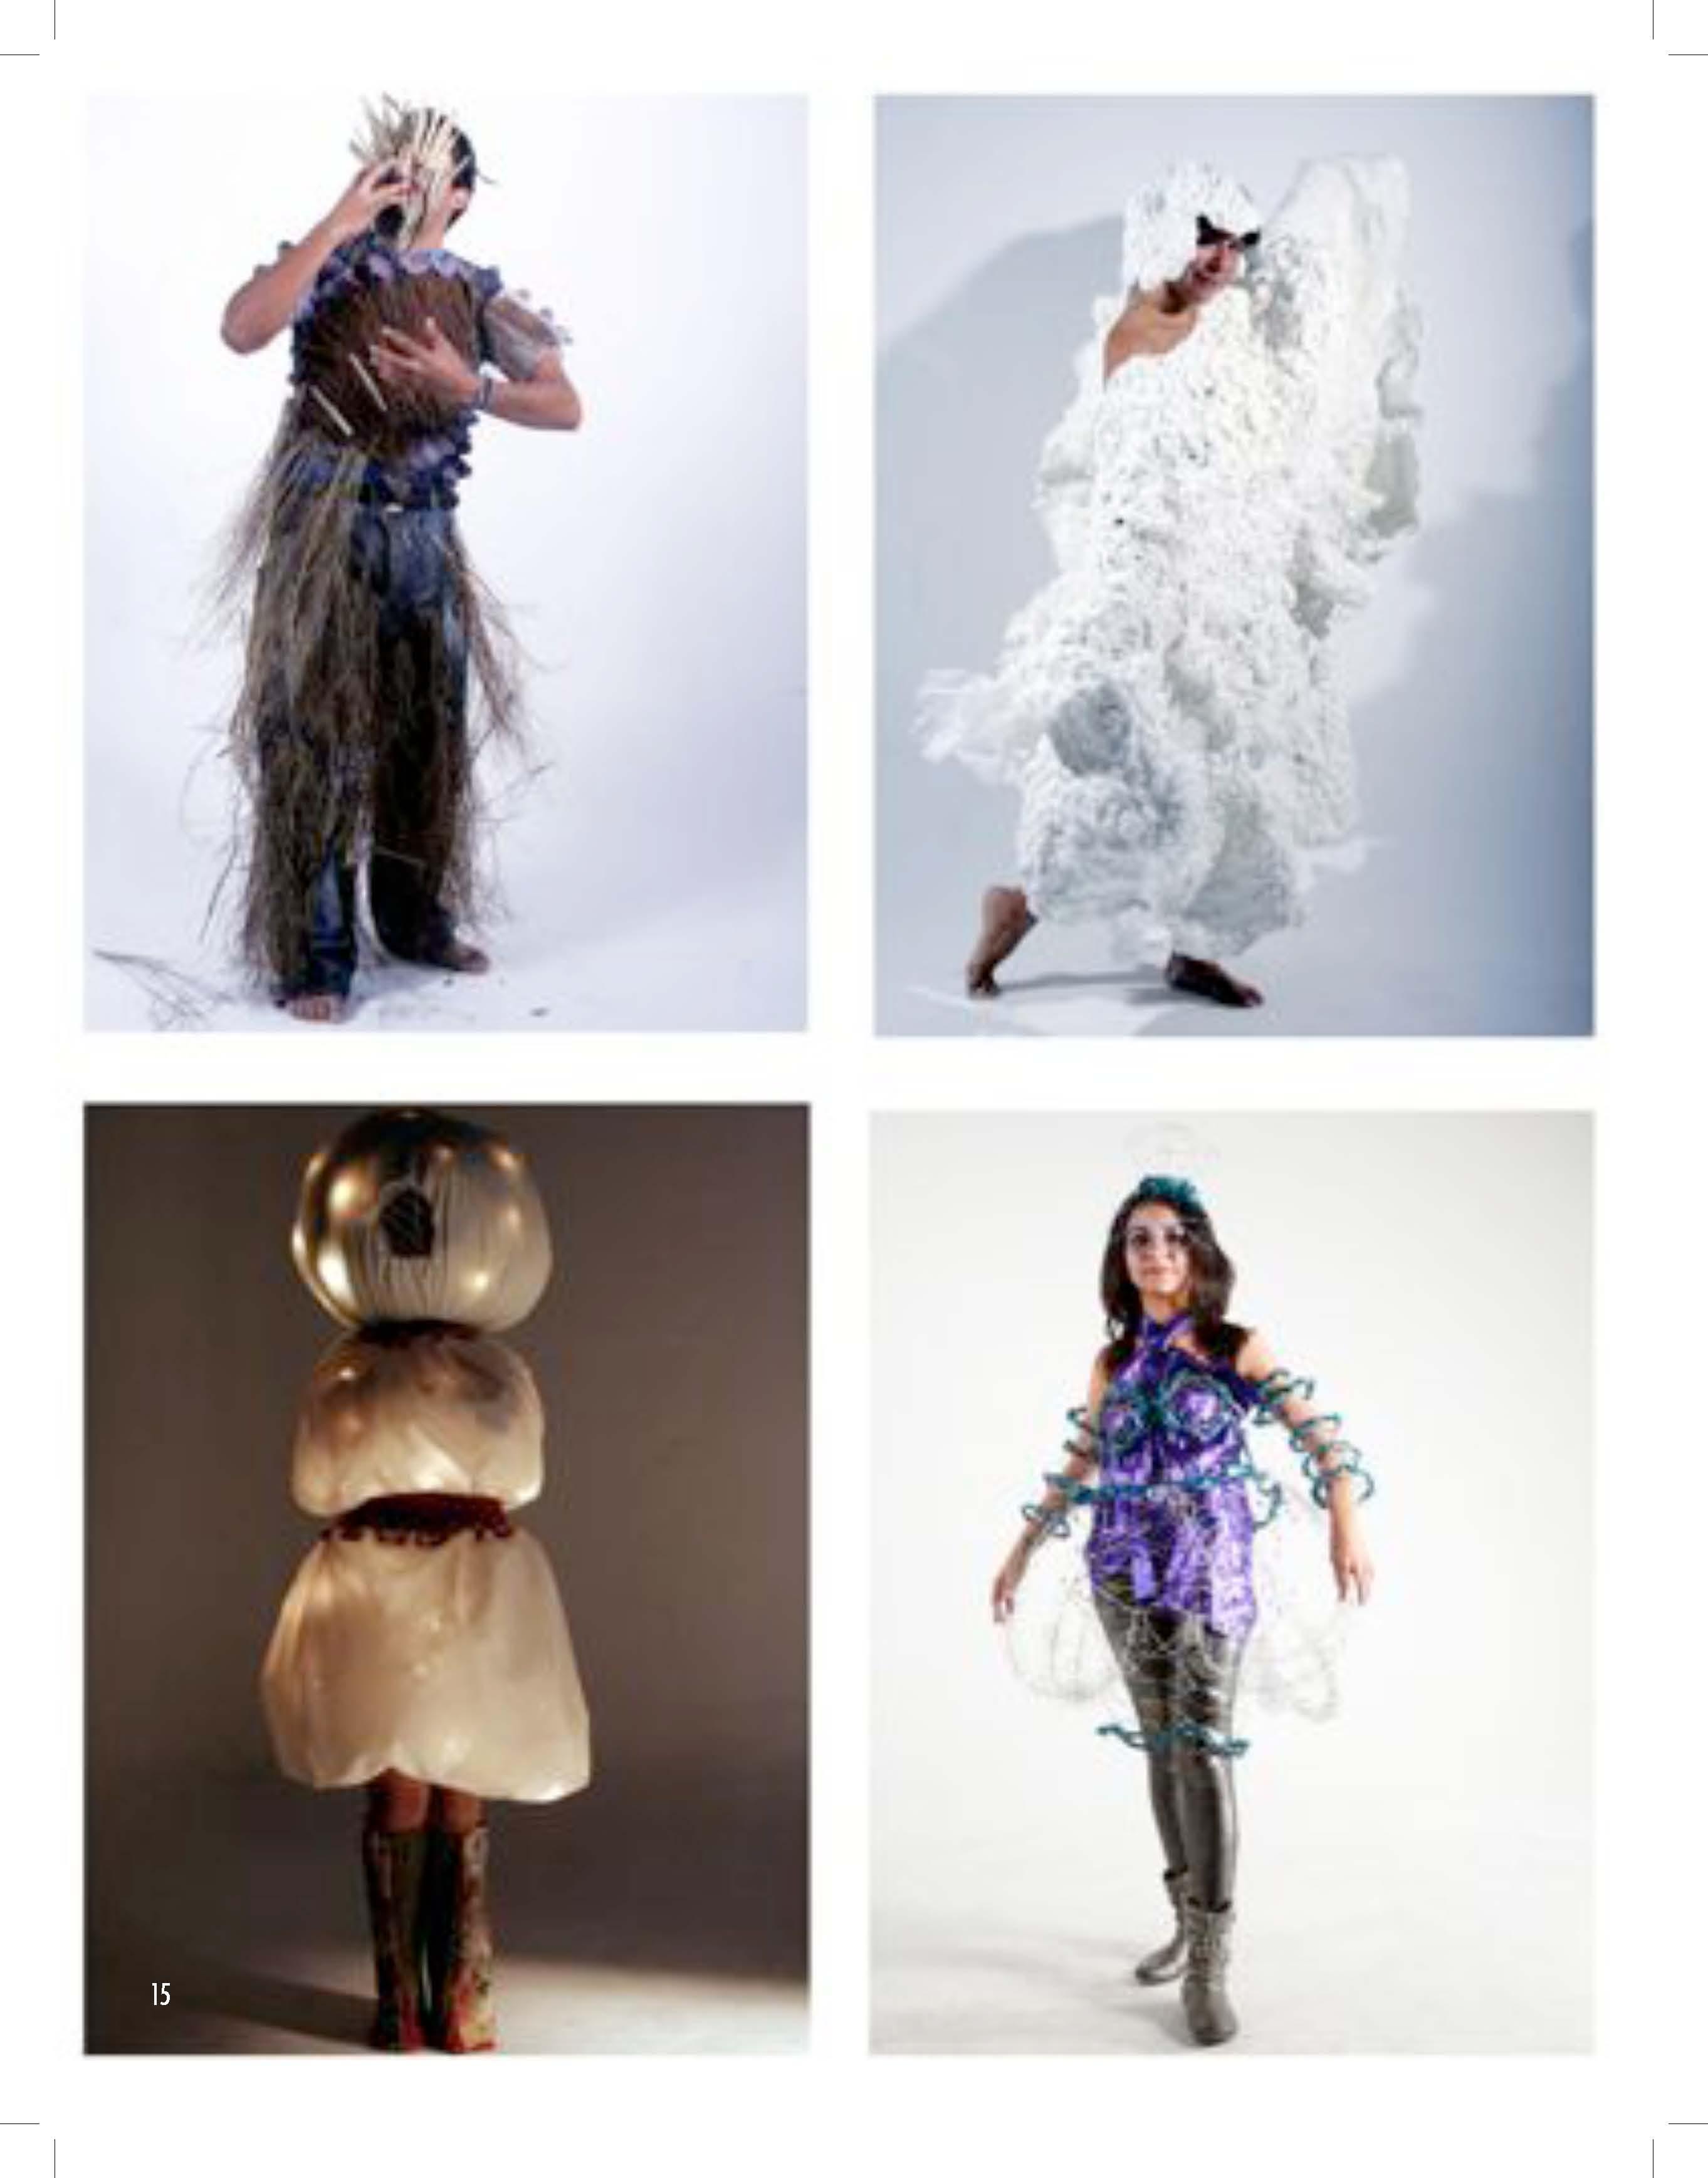 2010 PDF catalogo vestuarios escultoricos_Página_16.jpg